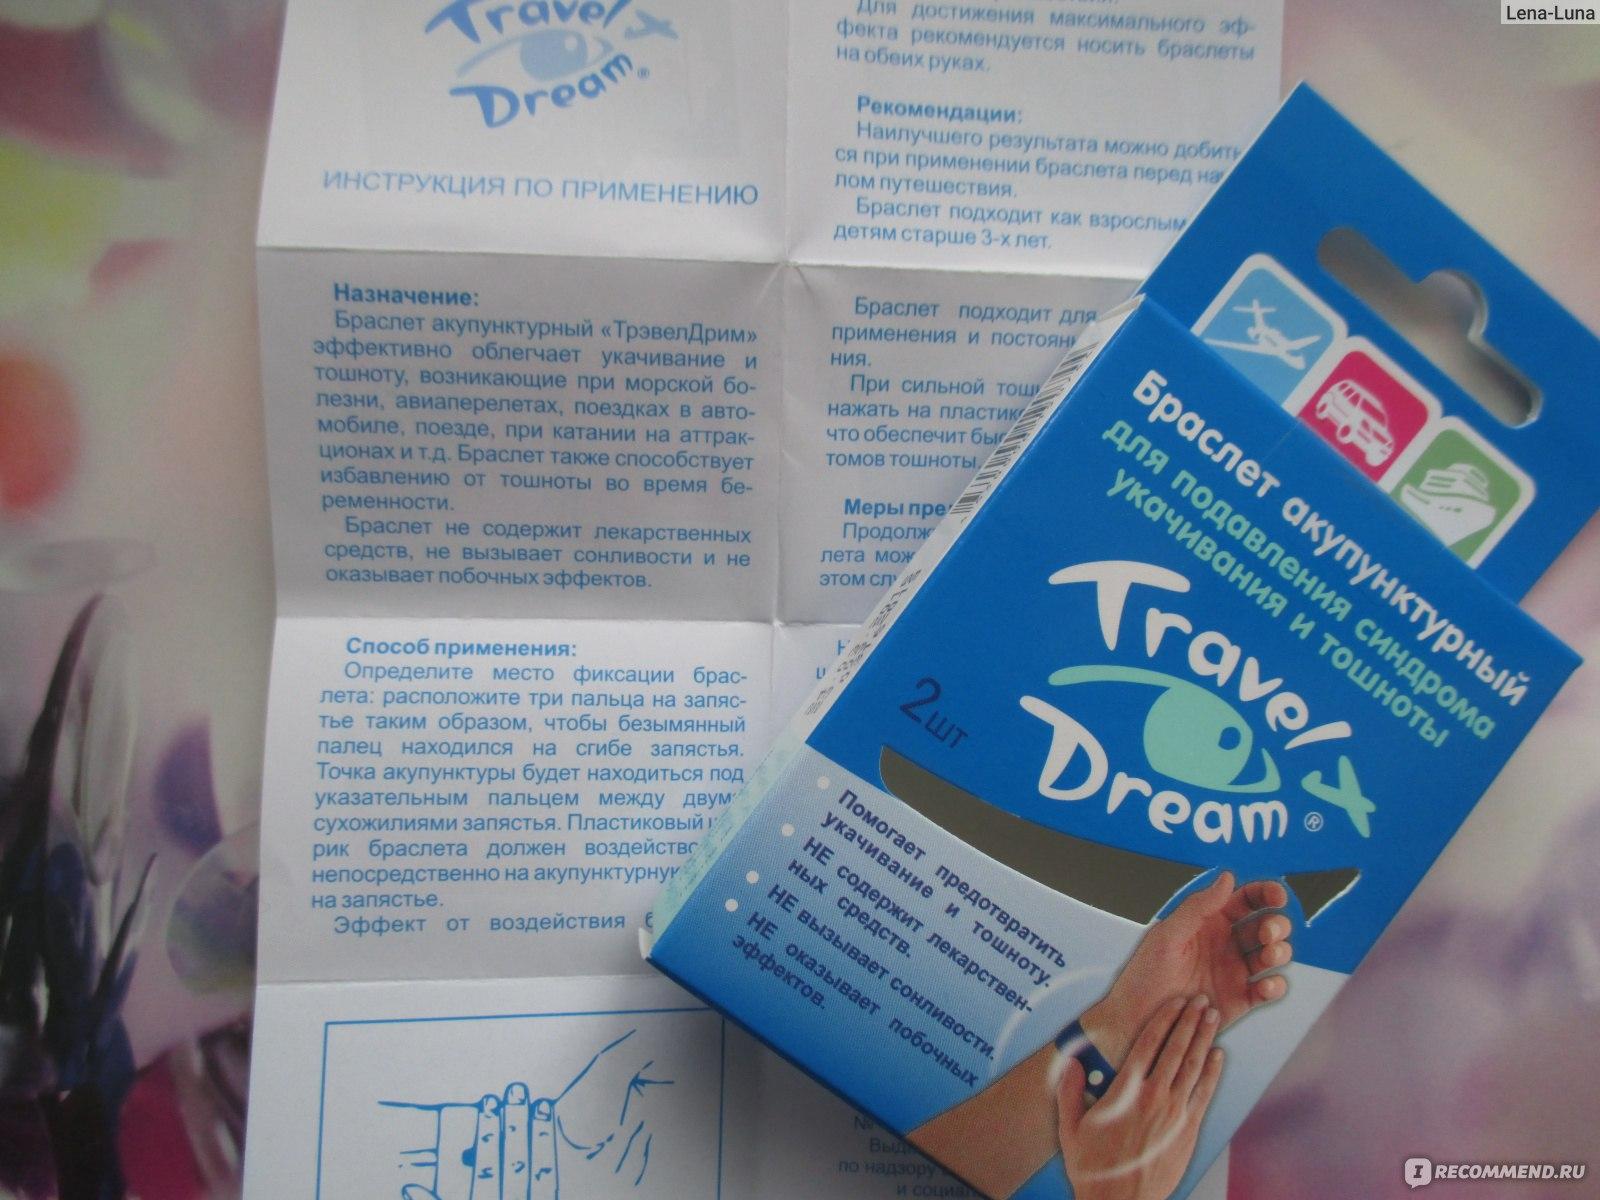 Браслеты от укачивания для детей: отзывы, инструкция, фото 5